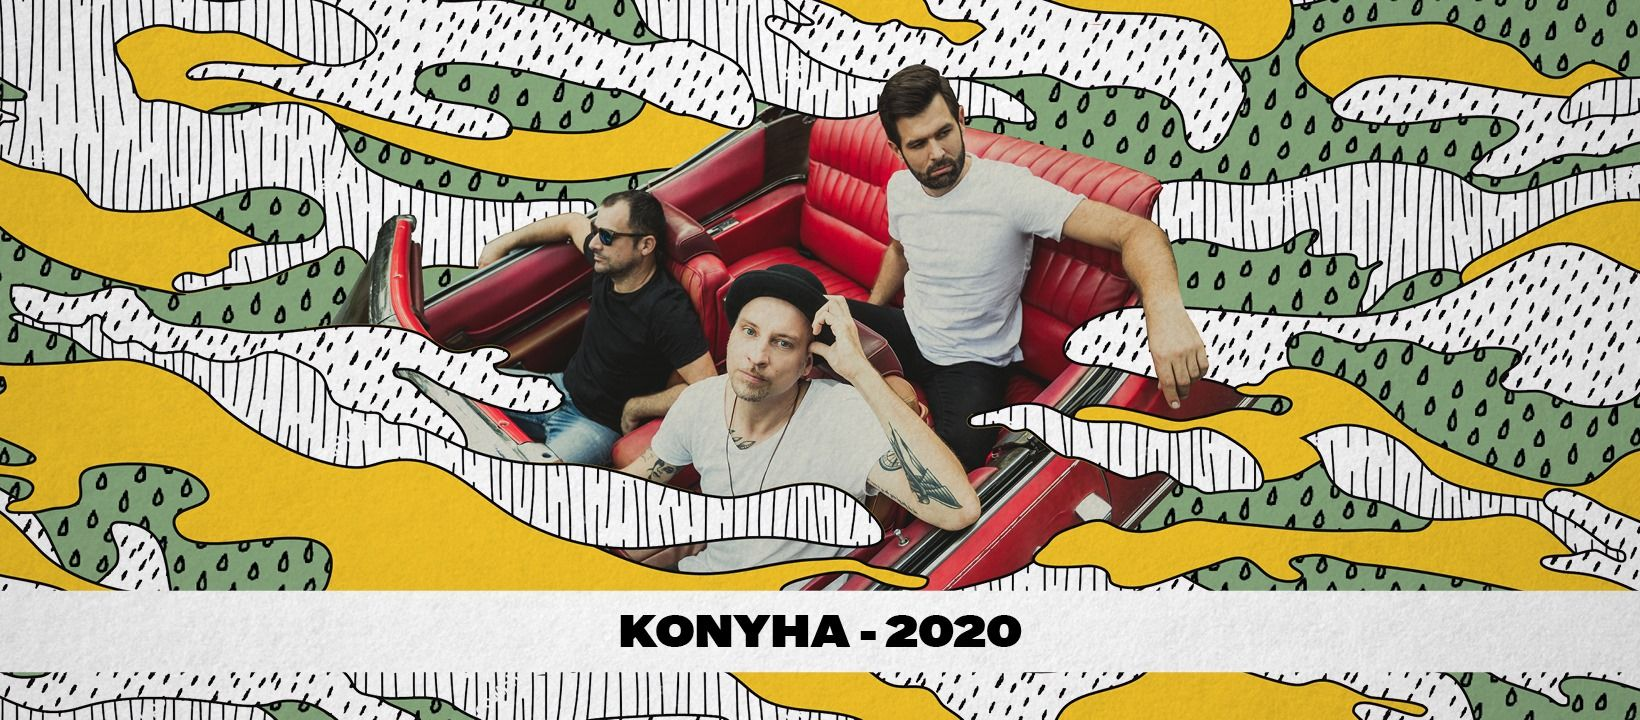 Új dalok írására buzdítja az otthon maradt zenészeket a Konyha